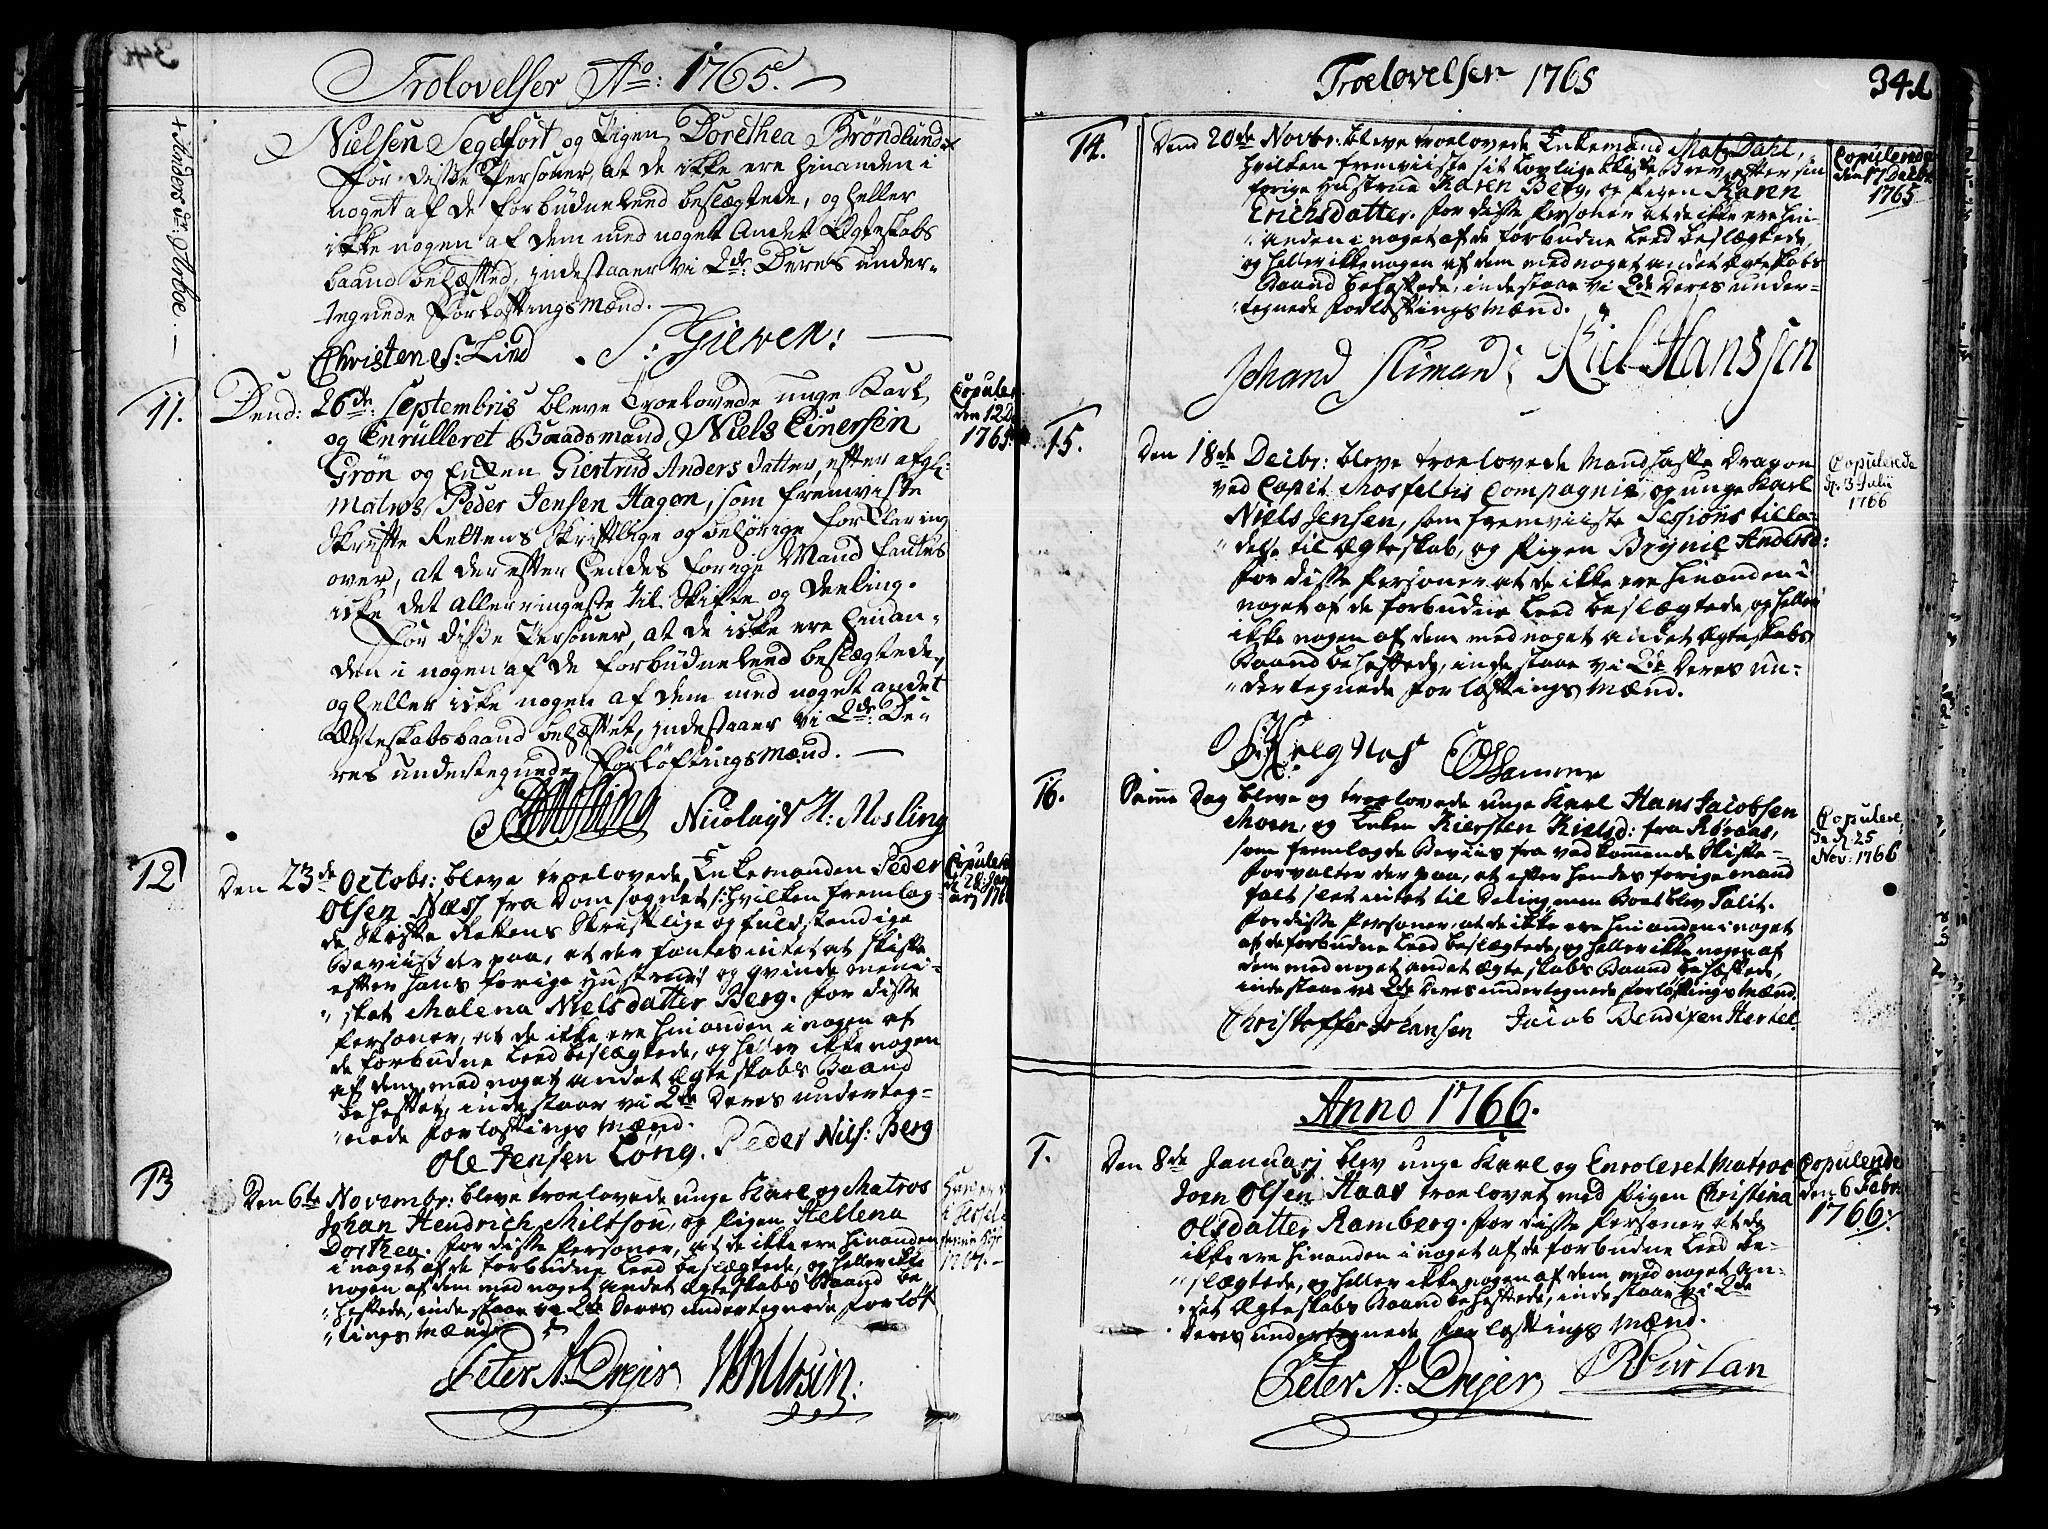 SAT, Ministerialprotokoller, klokkerbøker og fødselsregistre - Sør-Trøndelag, 602/L0103: Ministerialbok nr. 602A01, 1732-1774, s. 341